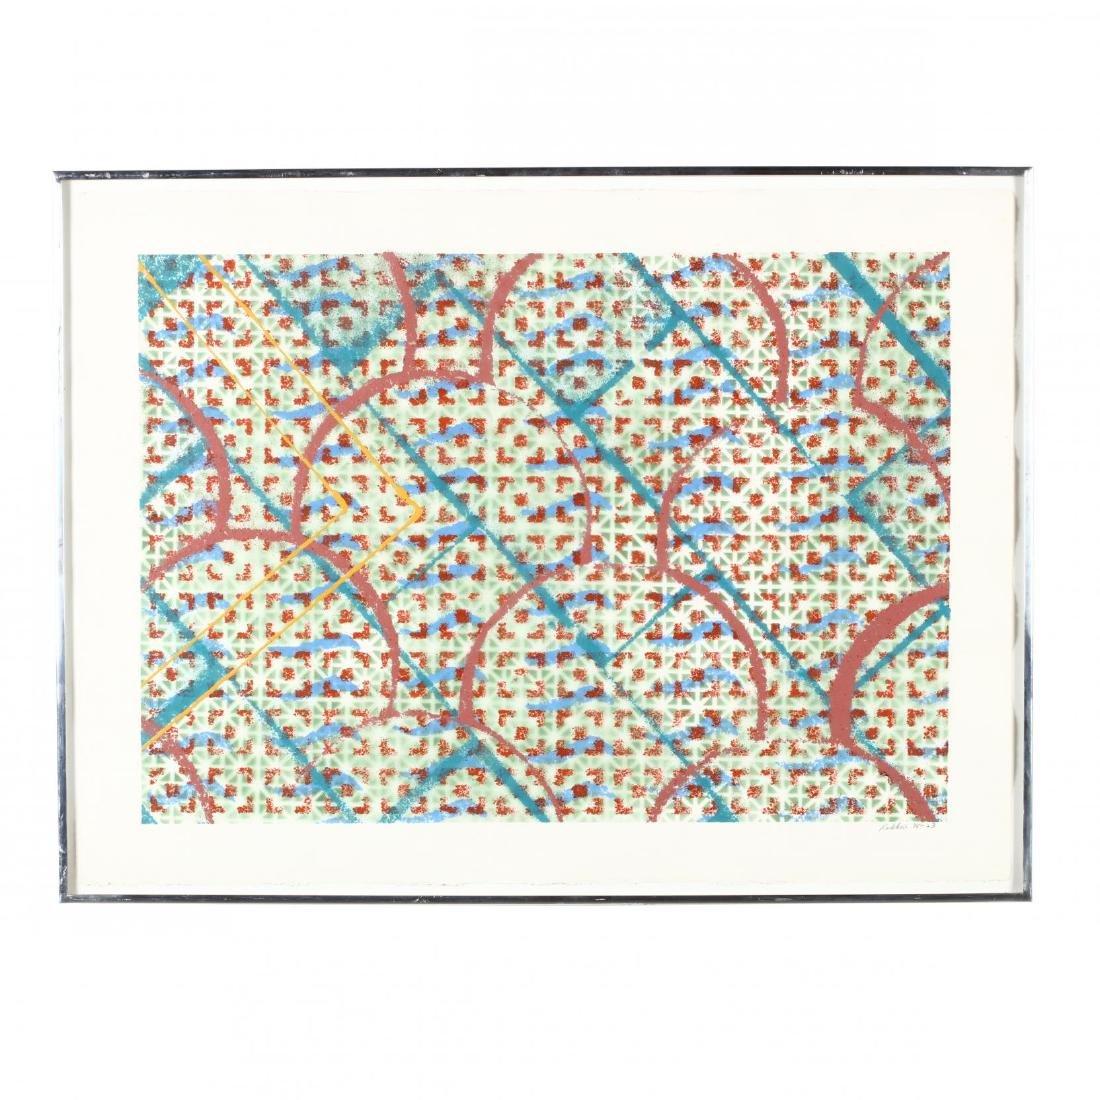 Framed Abstract Silkscreen Print